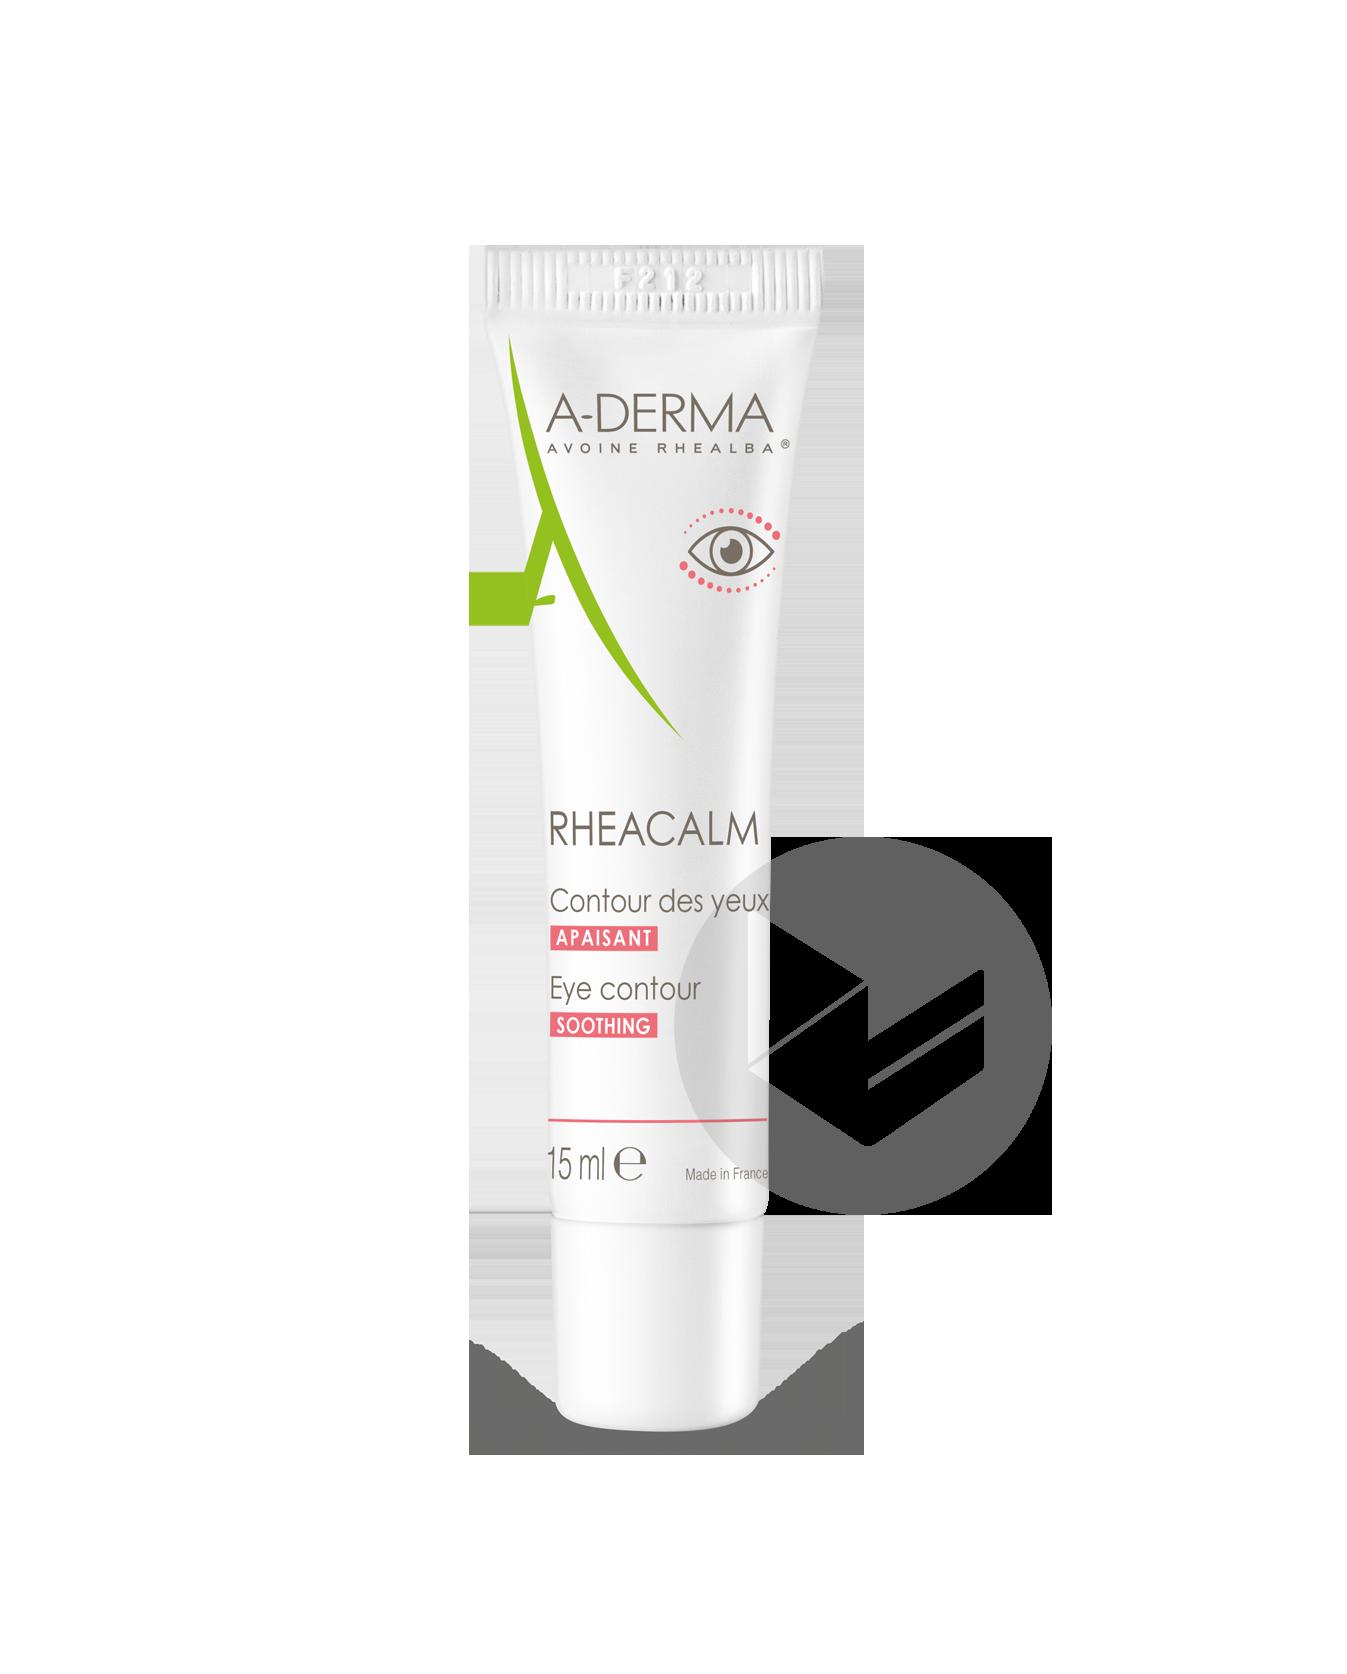 A Derma Rheacalm Contour Des Yeux 15 Ml